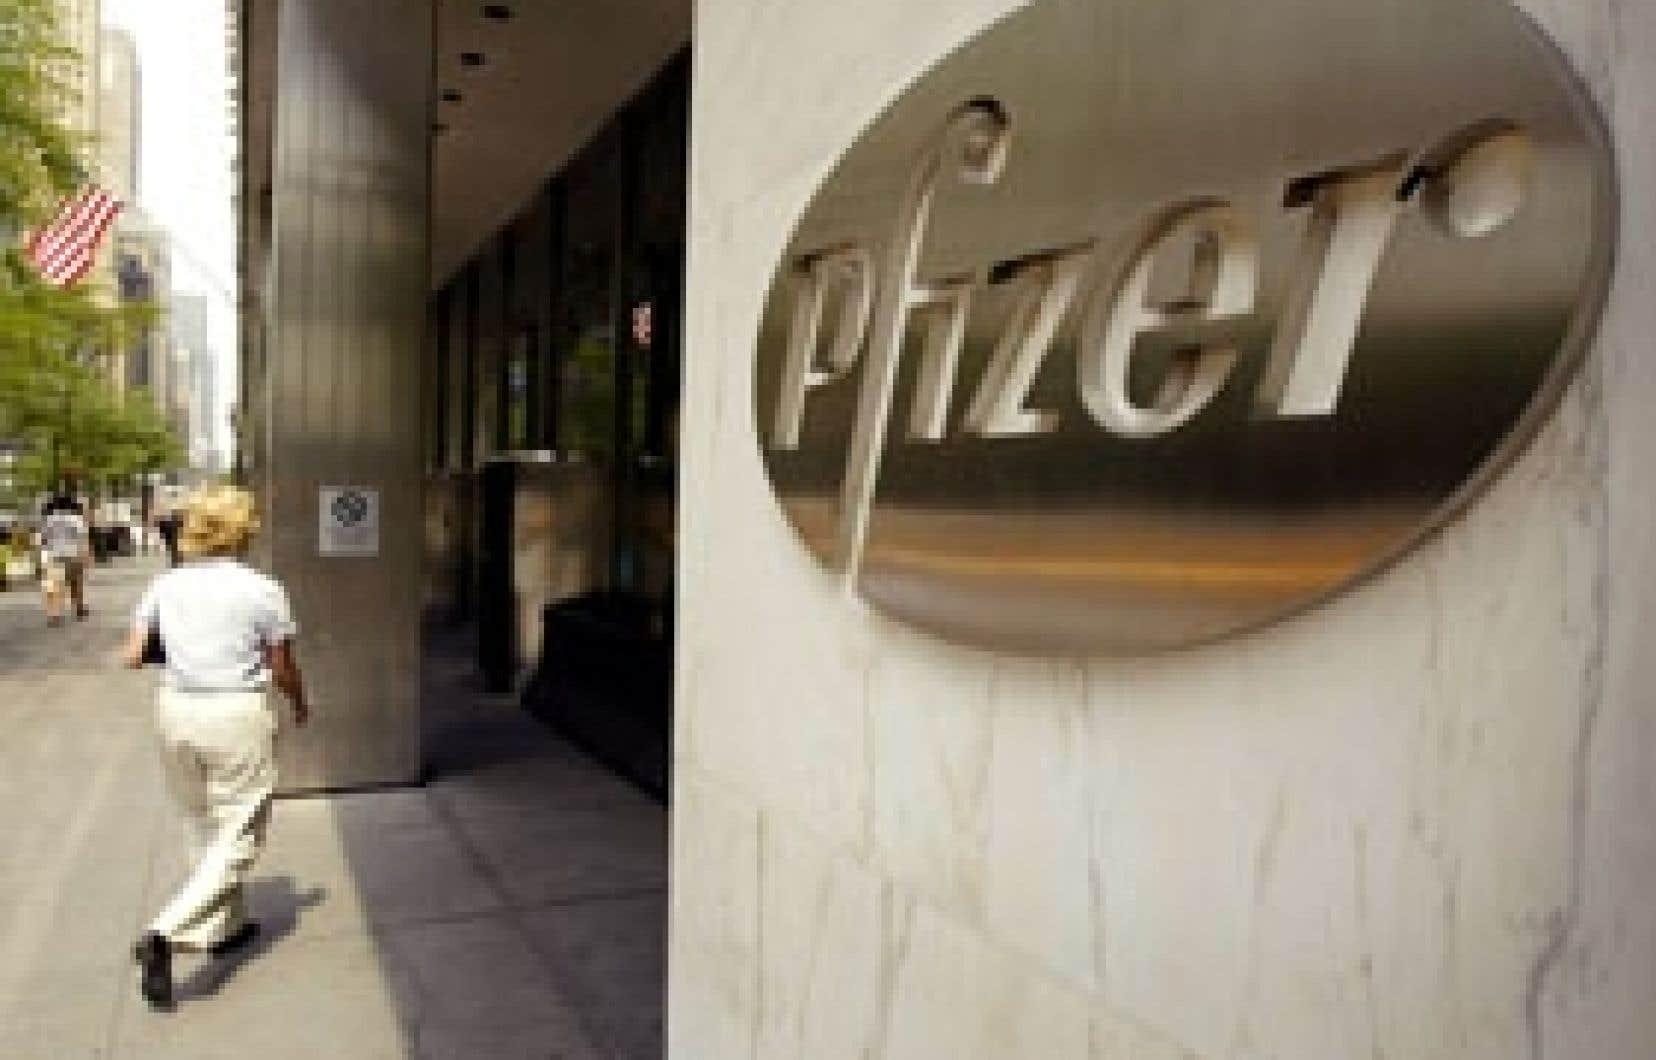 Le géant pharmaceutique Pfizer a confié la gestion complète de ce nouveau fonds au FRSQ à qui il reviendra de partager toute cette manne. Parmi les domaines où l'aide sera accordée en priorité figurent le sida et les maladies infectieuses, les m